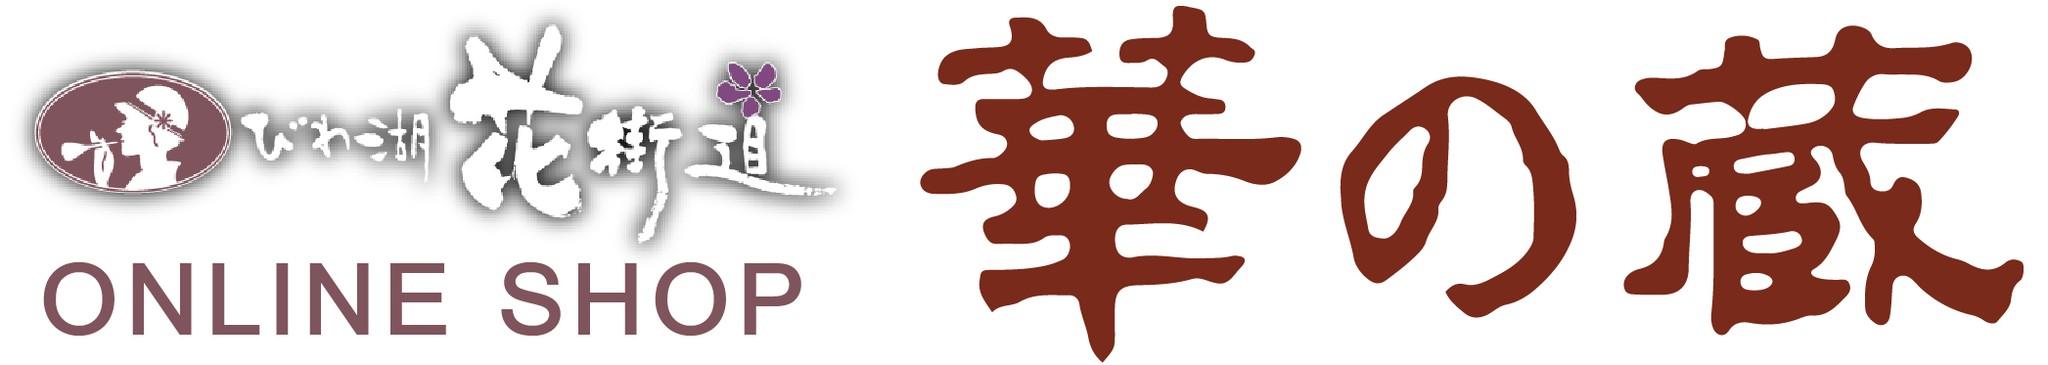 おごと温泉びわ湖花街道|オンラインショップ 華の蔵|温泉|滋賀県